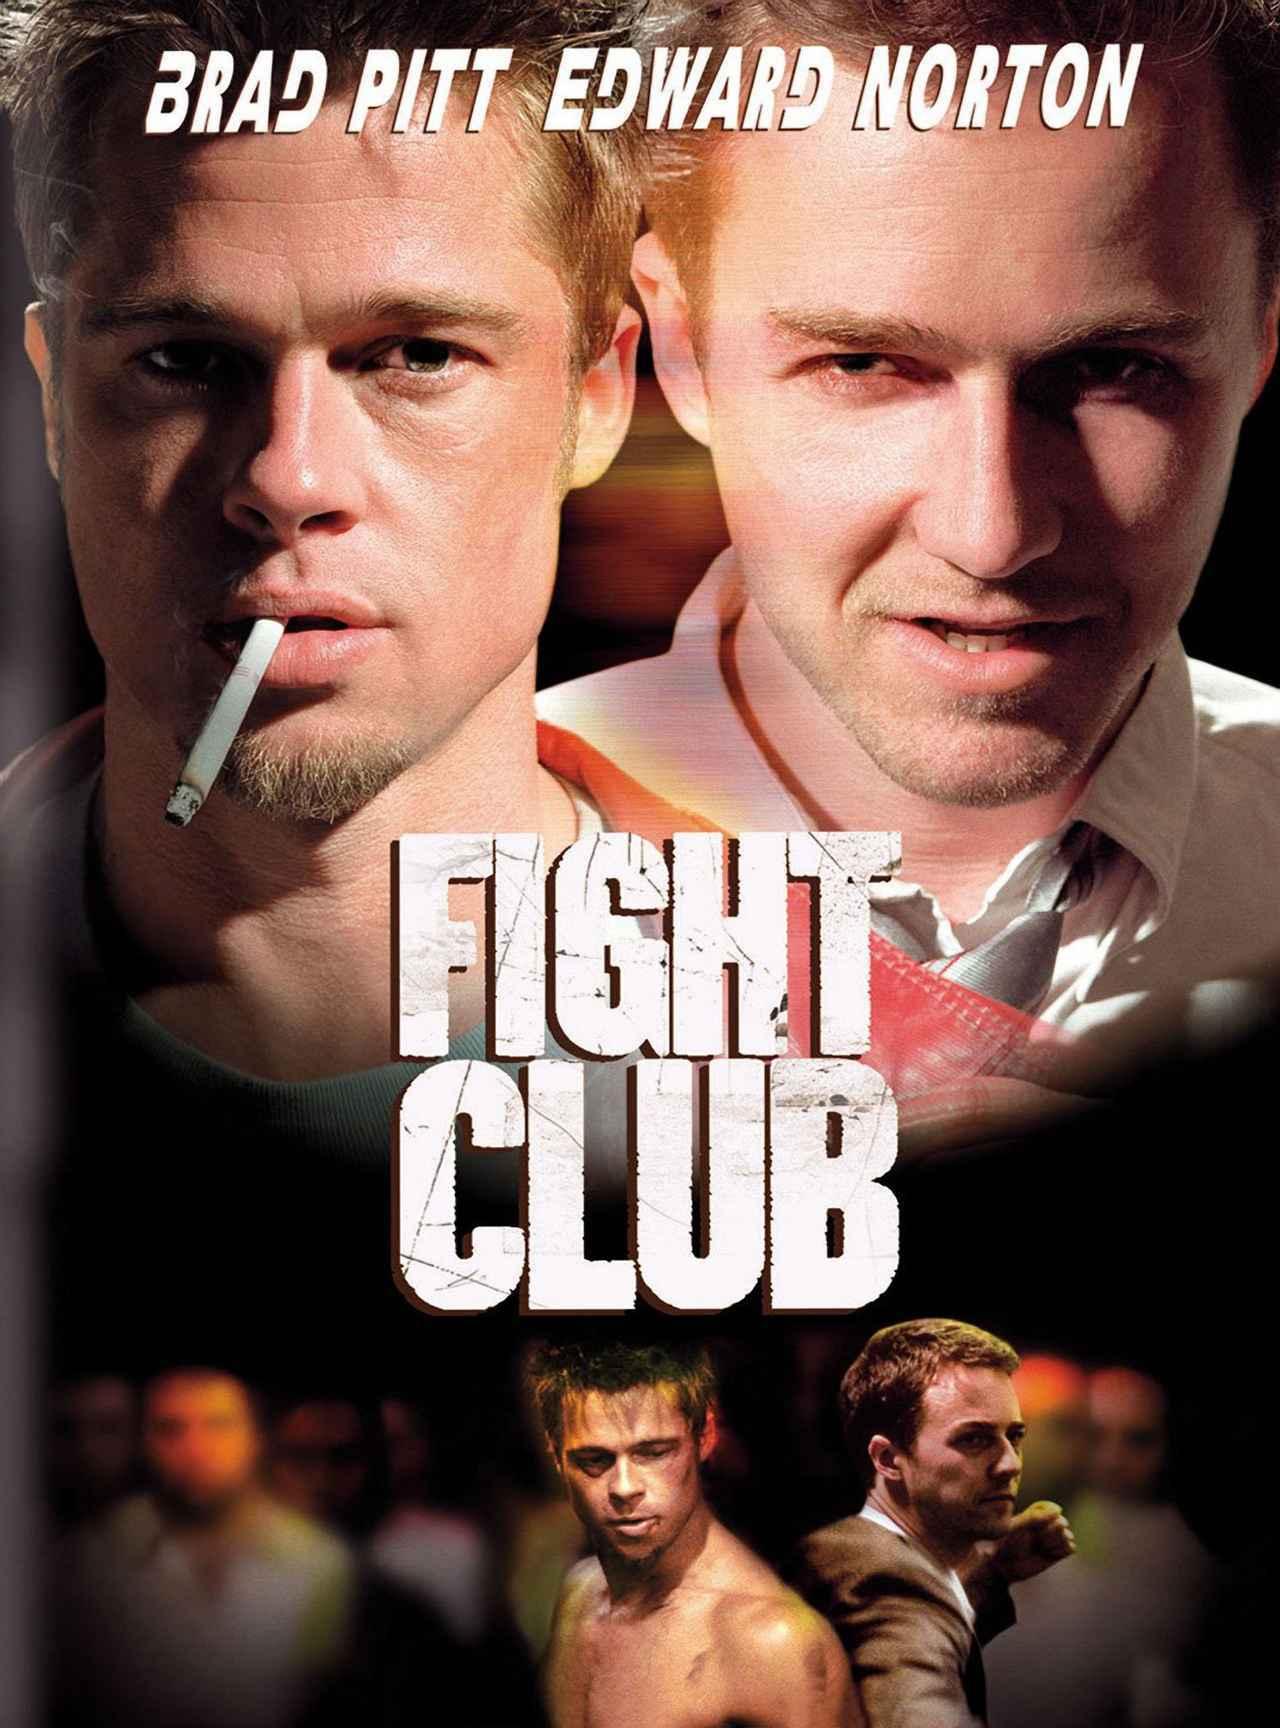 画像1: 映画『ファイト・クラブ』のレポートを「1行」で提出した大学生、100点満点を獲得